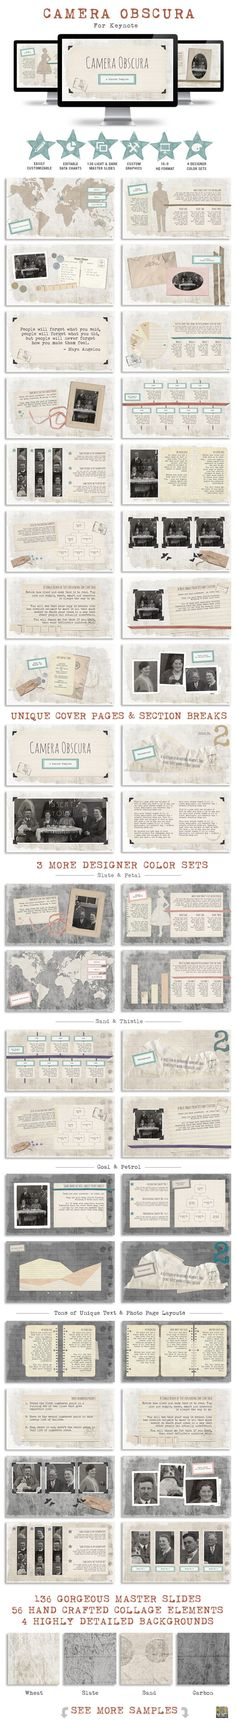 Camera Obscura Keynote Presentation Template #slides #design Download: http://graphicriver.net/item/camera-obscura-keynote-presentation-template/11445265?ref=ksioks